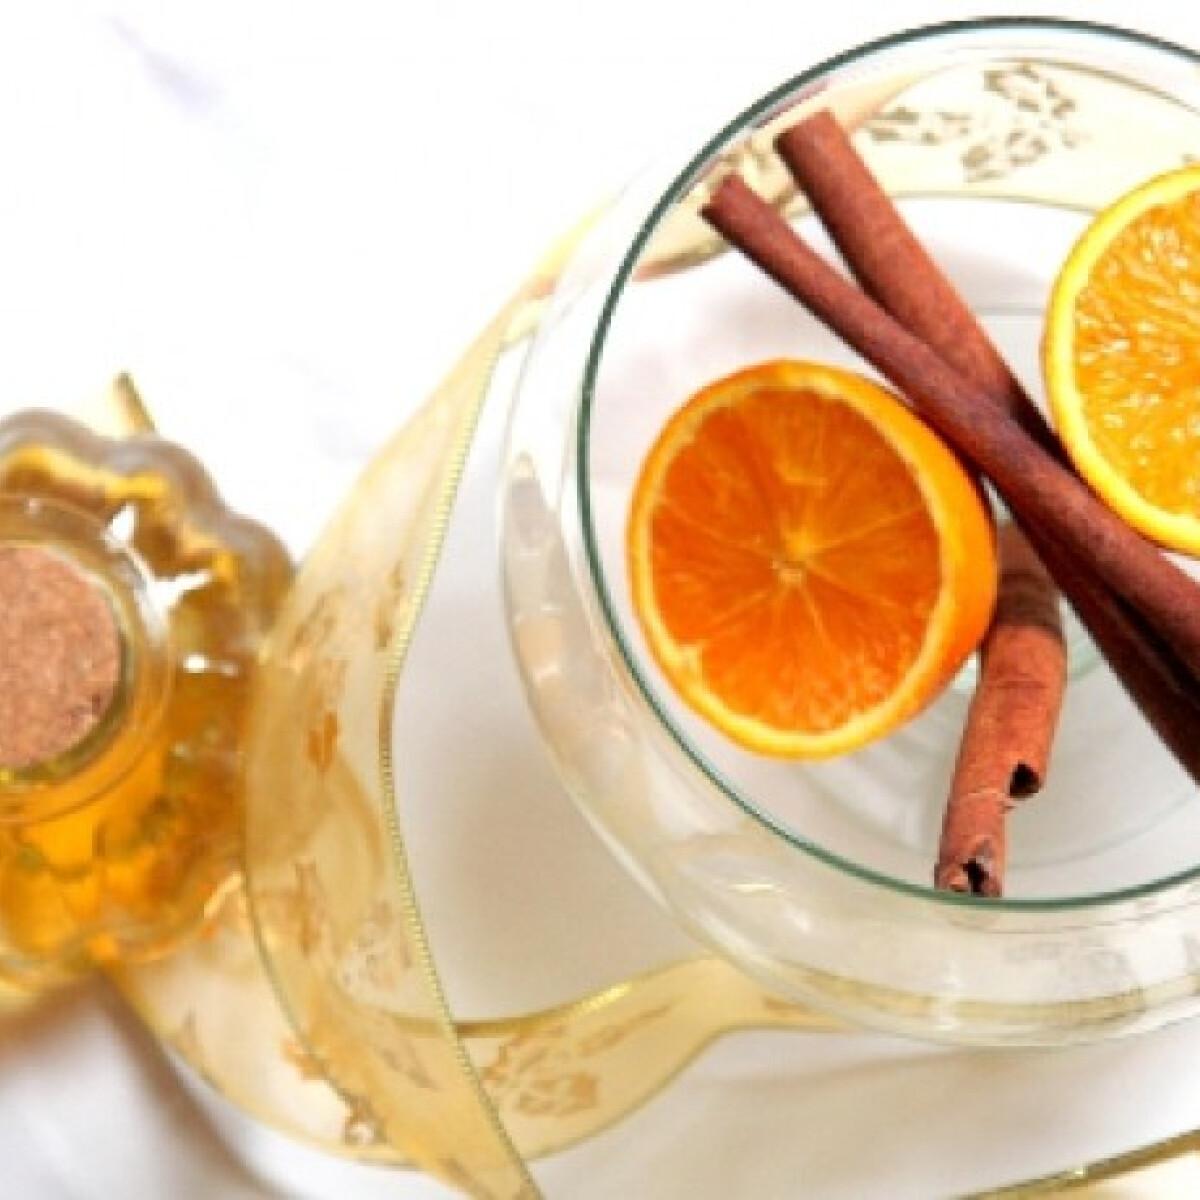 Ezen a képen: Házi narancslikőr Epercsóktól